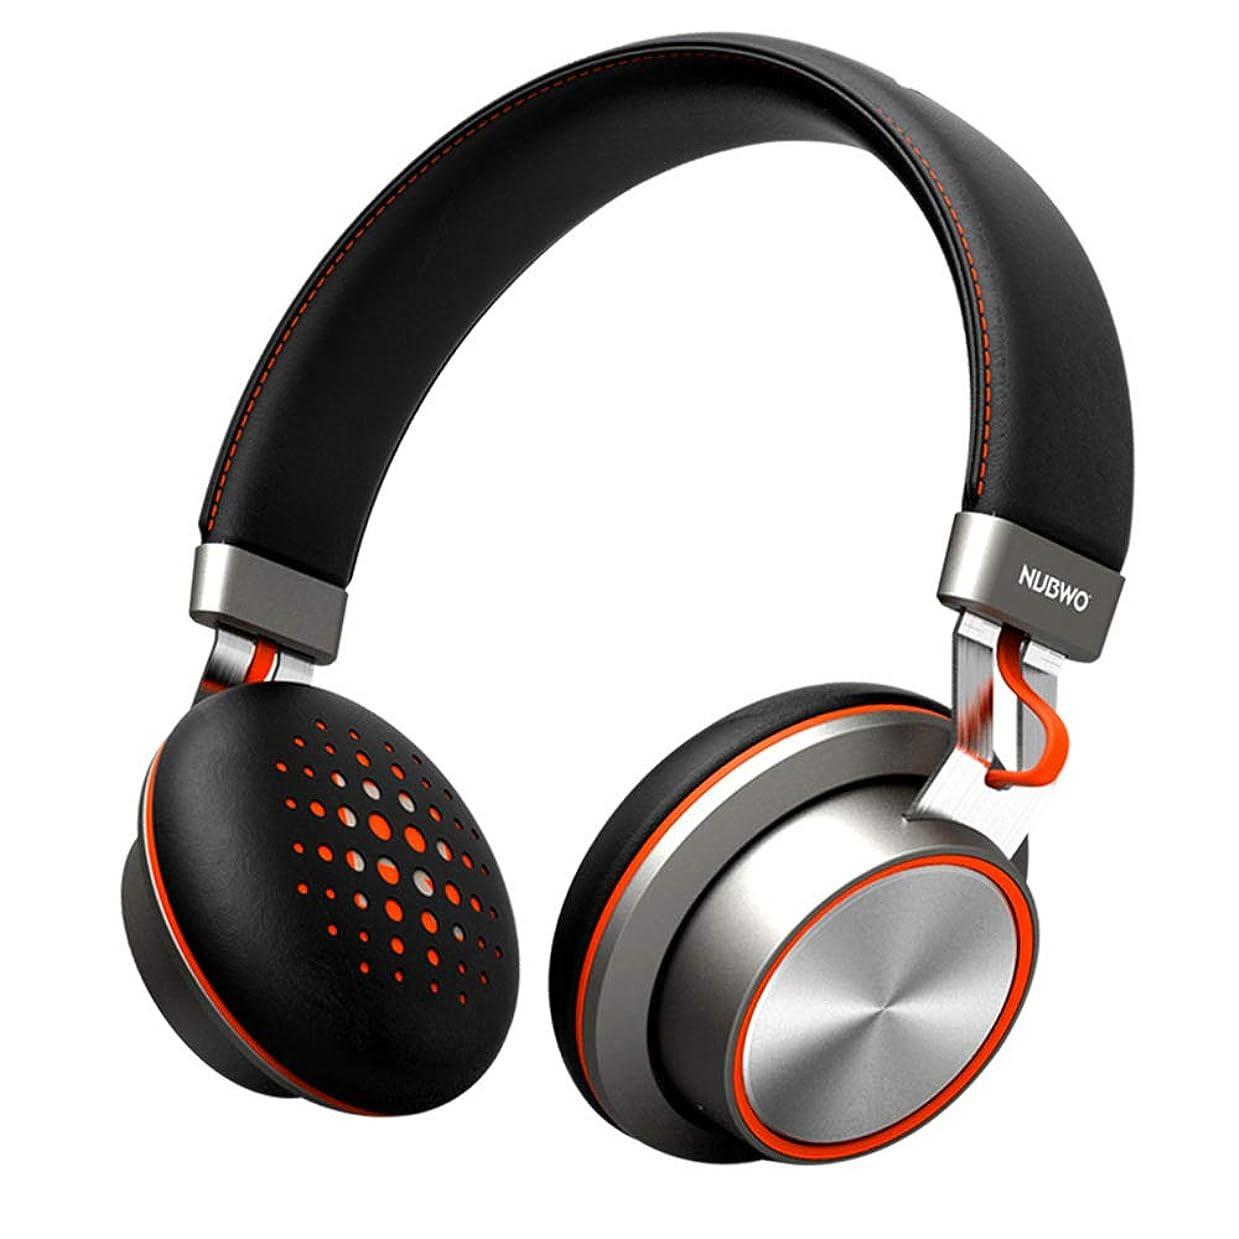 煙キャリア一定Bluetoothヘッドフォン、ワイヤレスステレオインターホンヘッドセット、ソフトプロテインイヤホン(ヘッドフォン:双方向ラジオ付き)